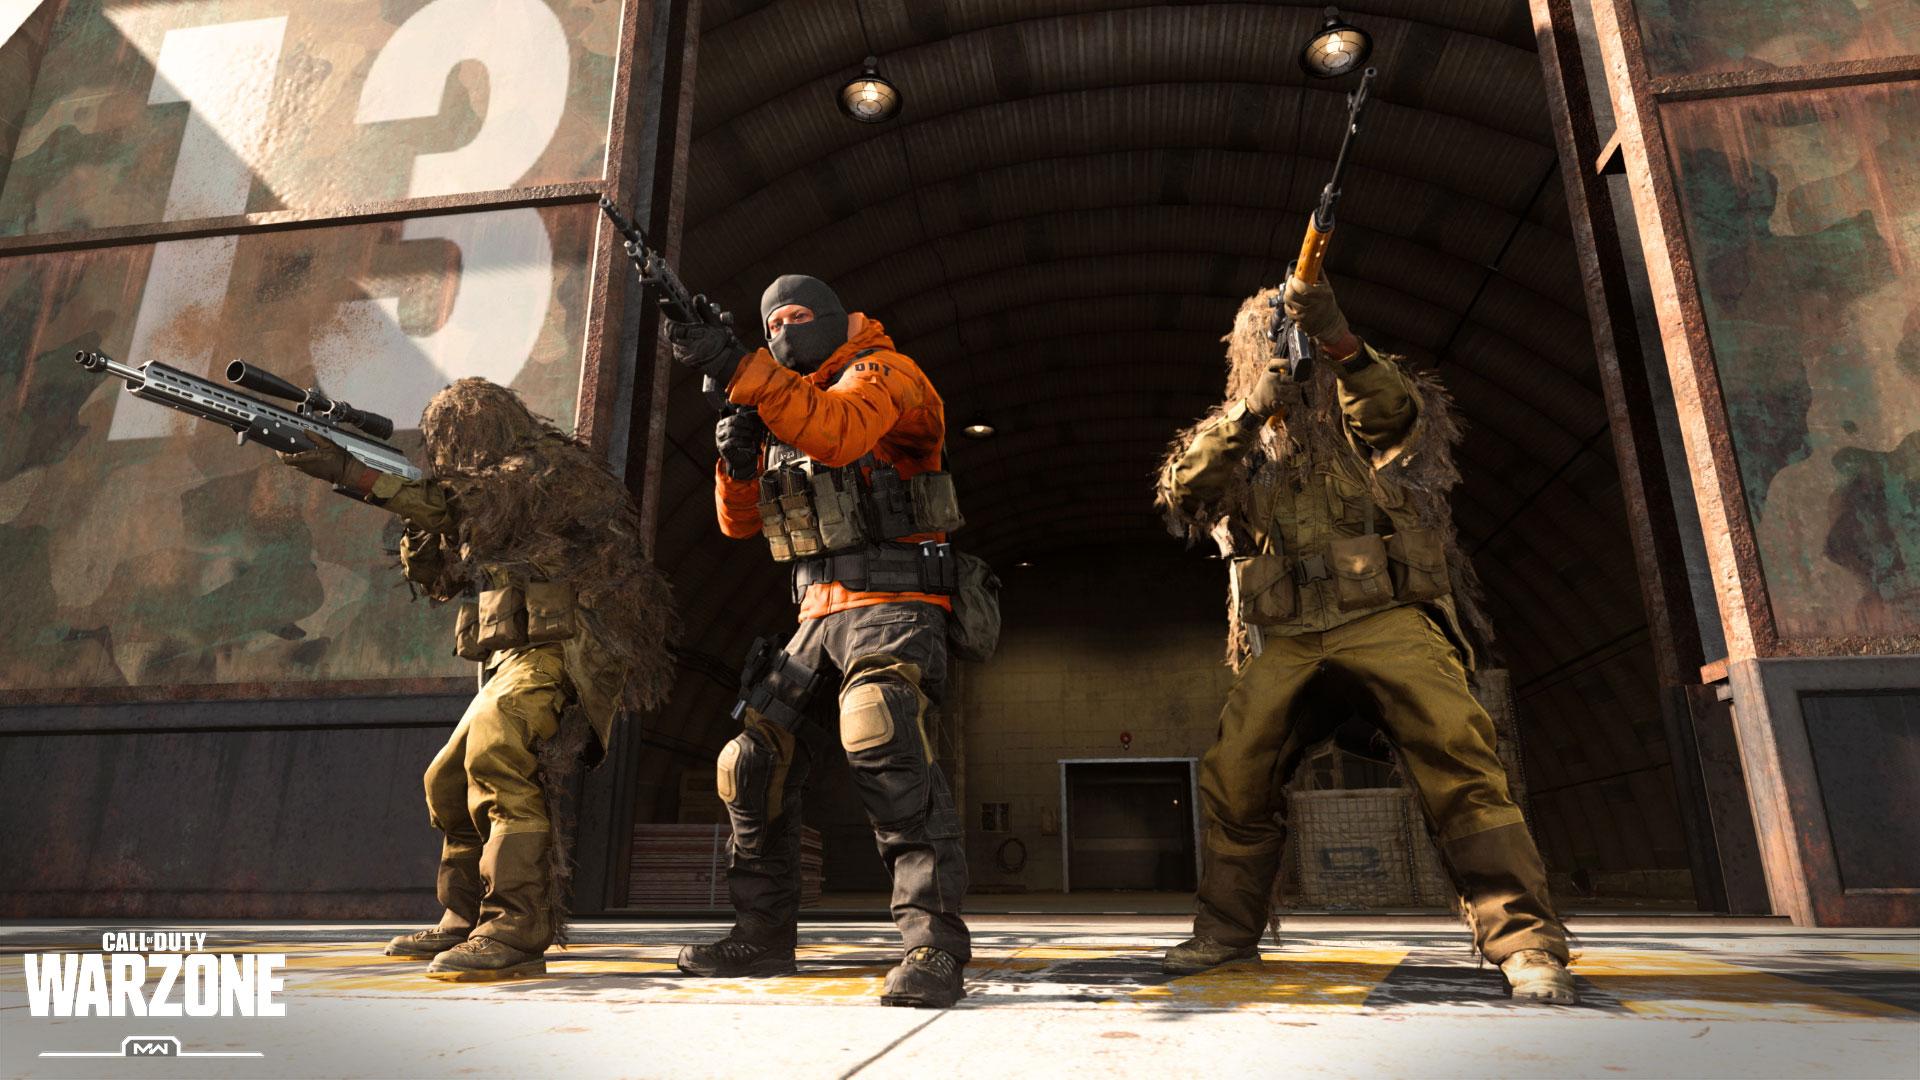 Esto es lo que está haciendo Activision sobre hacer trampa en Call of Duty: Warzone 3